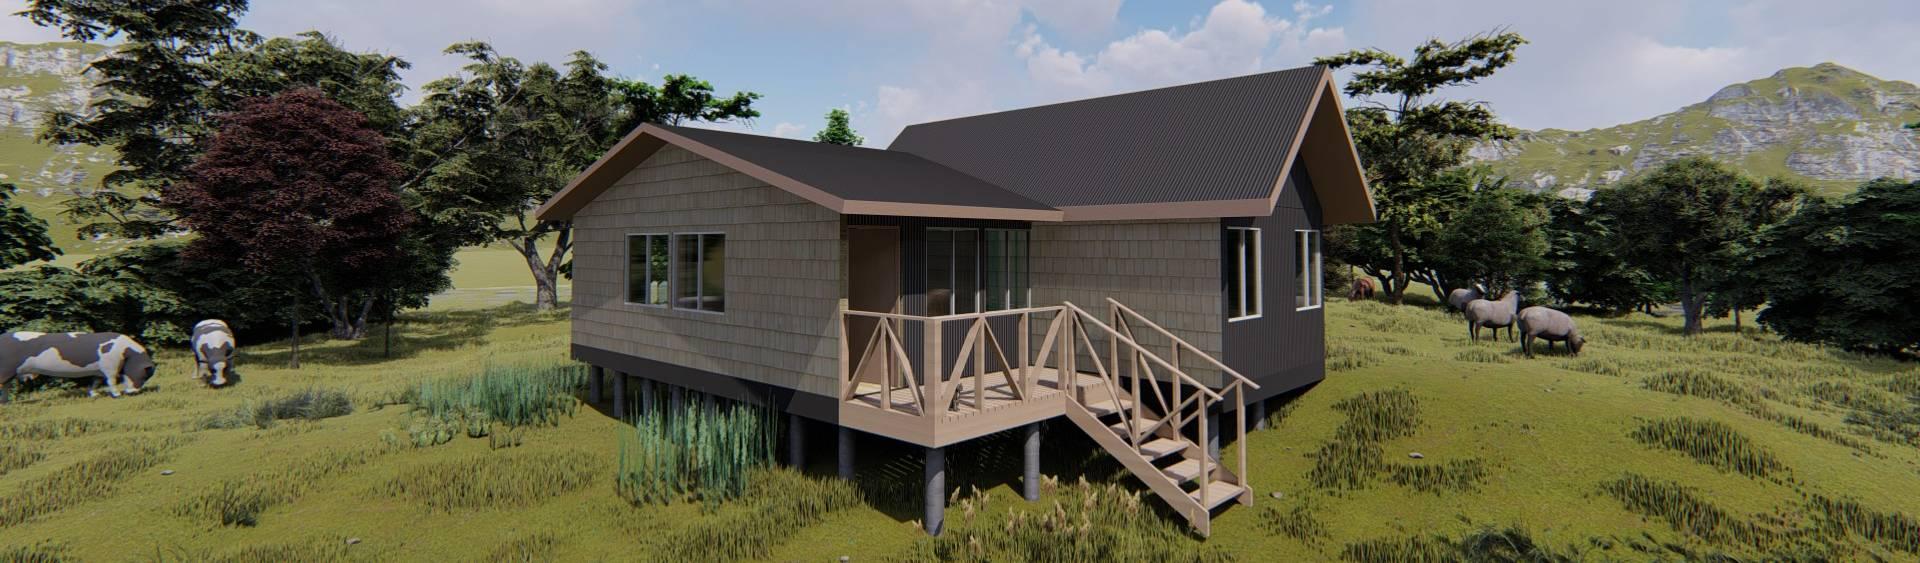 Ekeko arquitectura